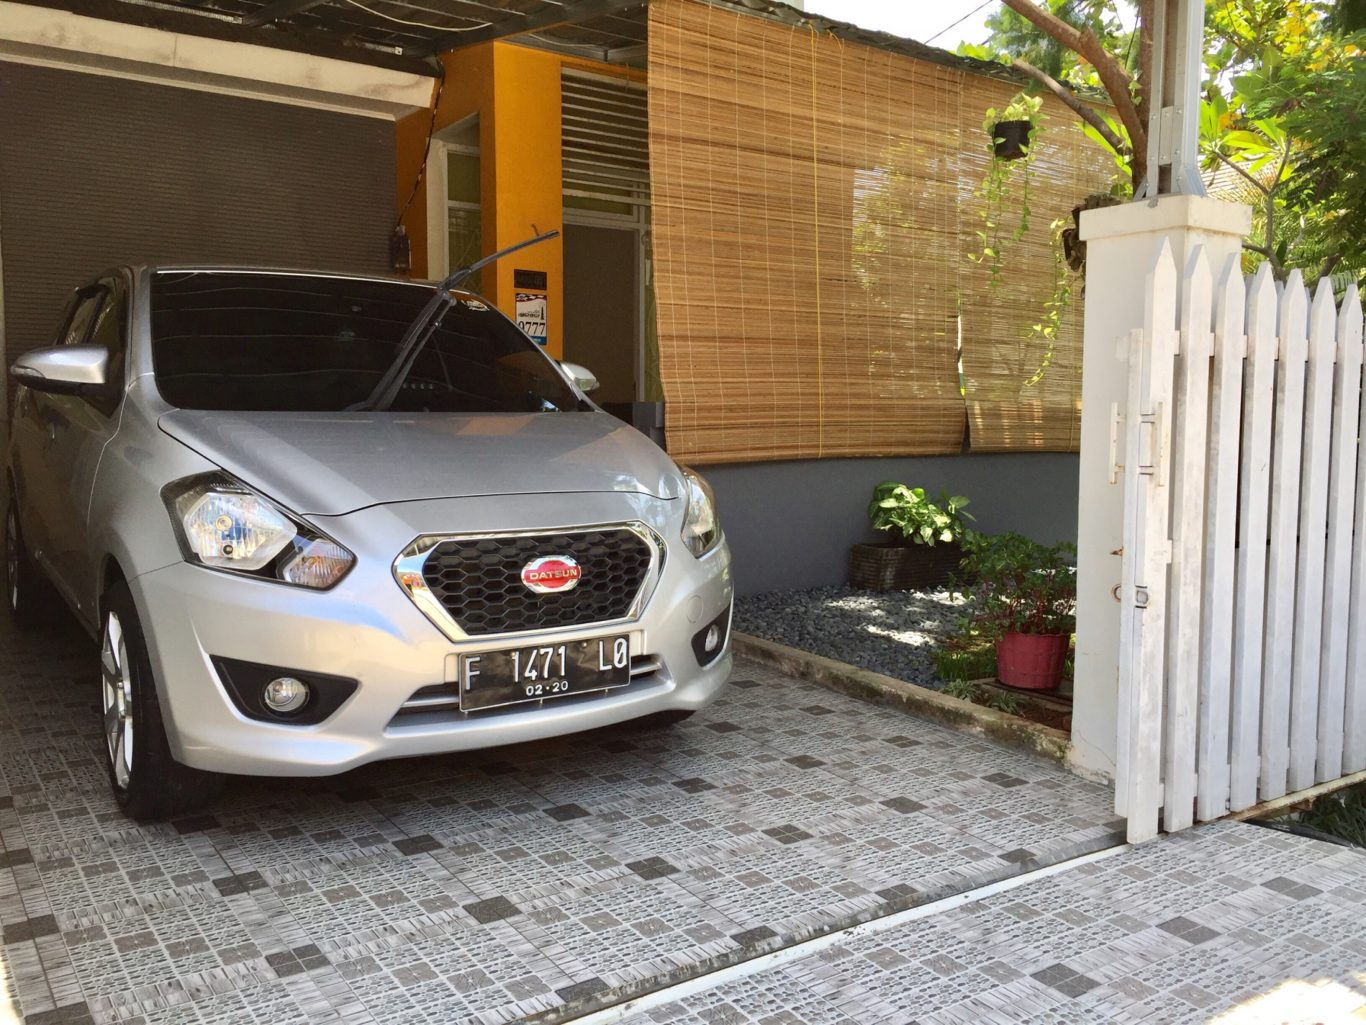 Cara Mengemudi Hemat Di Datsun GO Panca DGCI